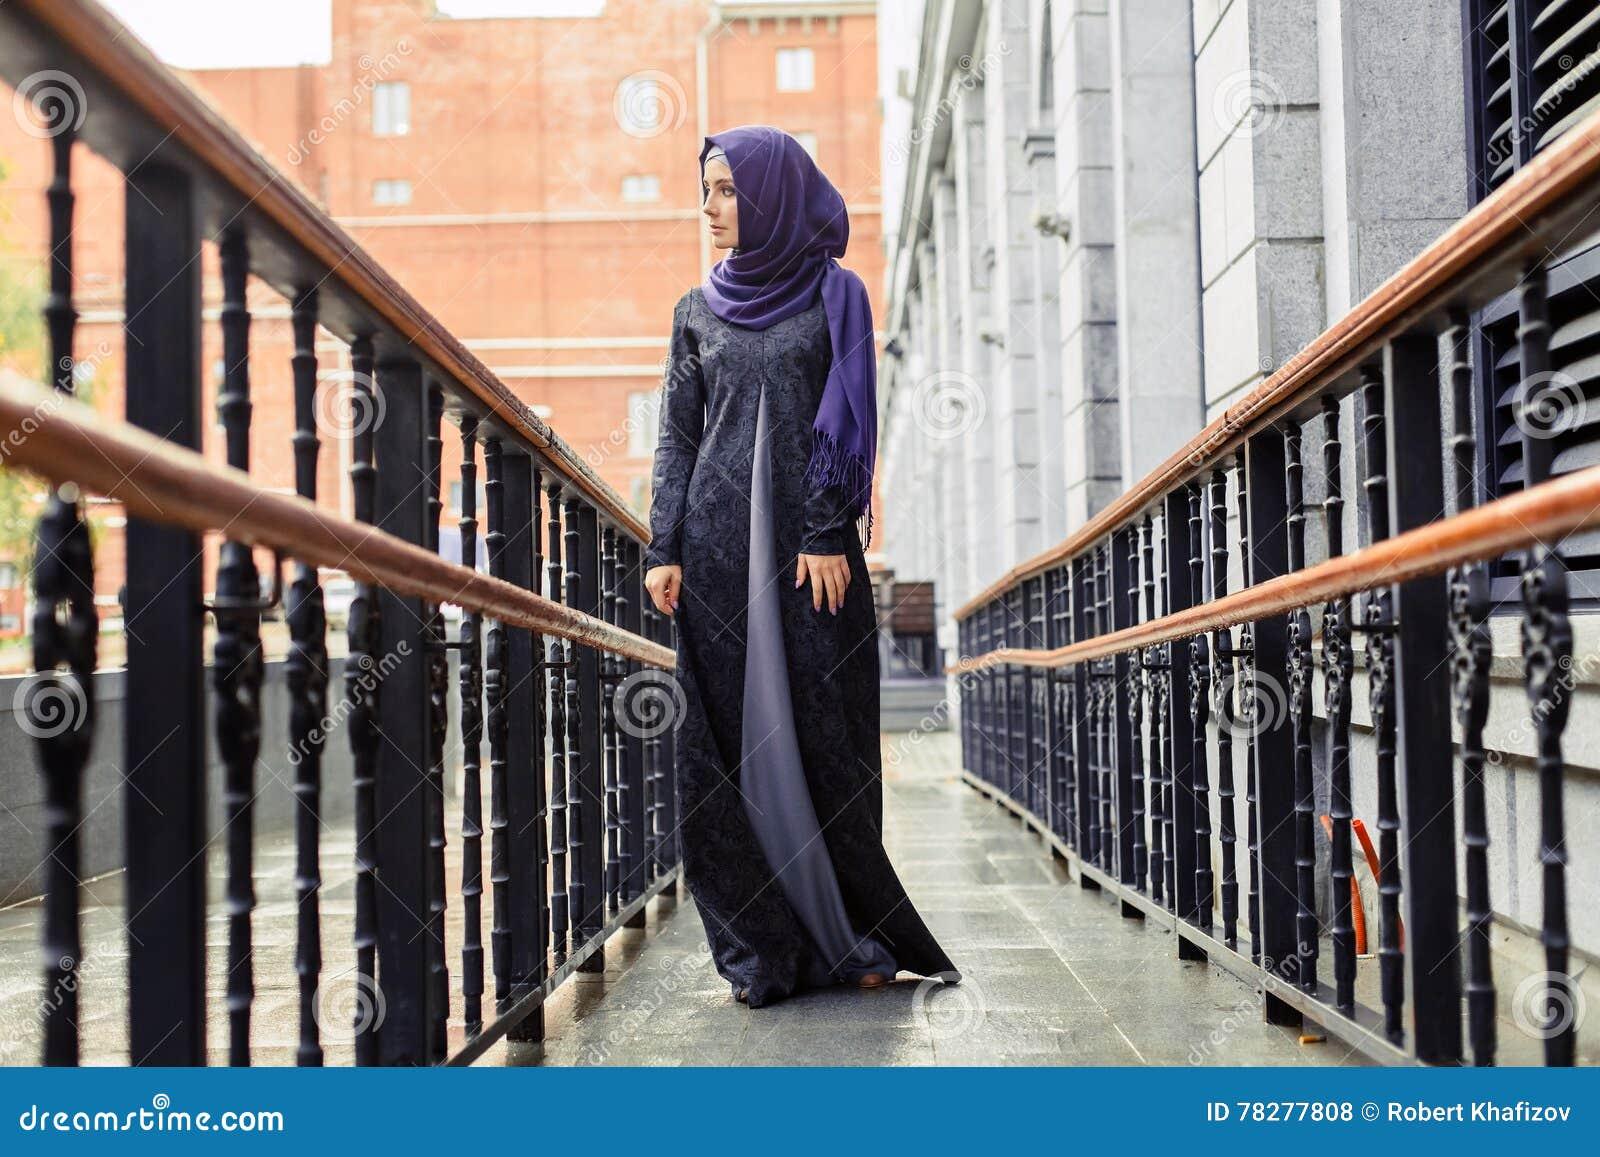 Σύγχρονη μουσουλμανική γυναίκα στο όμορφο ανατολικό φόρεμα που στέκεται στο υπόβαθρο του ξενοδοχείου